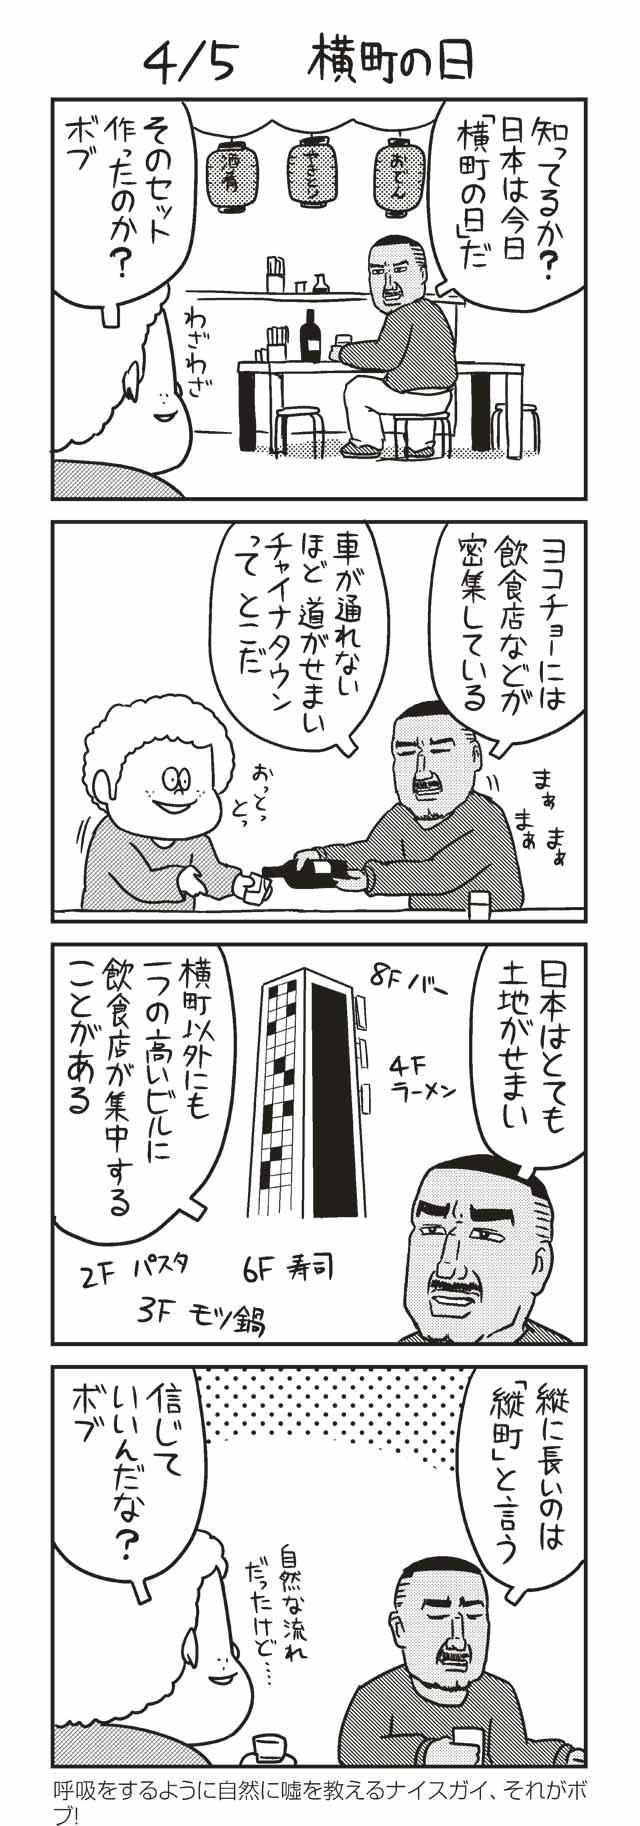 4/5 横町の日 『ノヒマンガ』 ポン